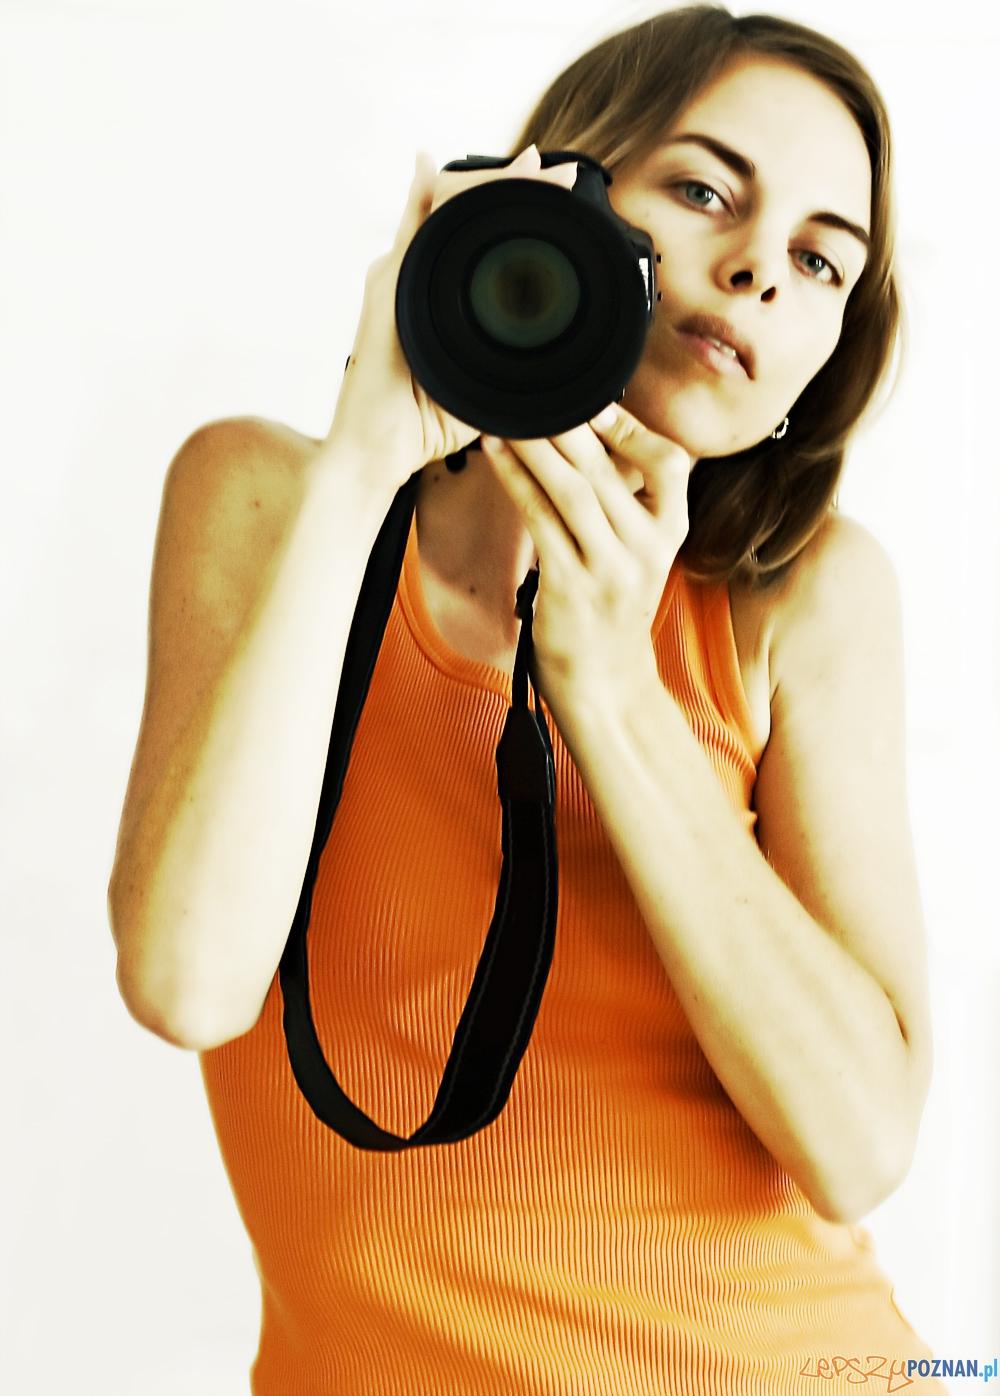 fotograf  Foto: sxc